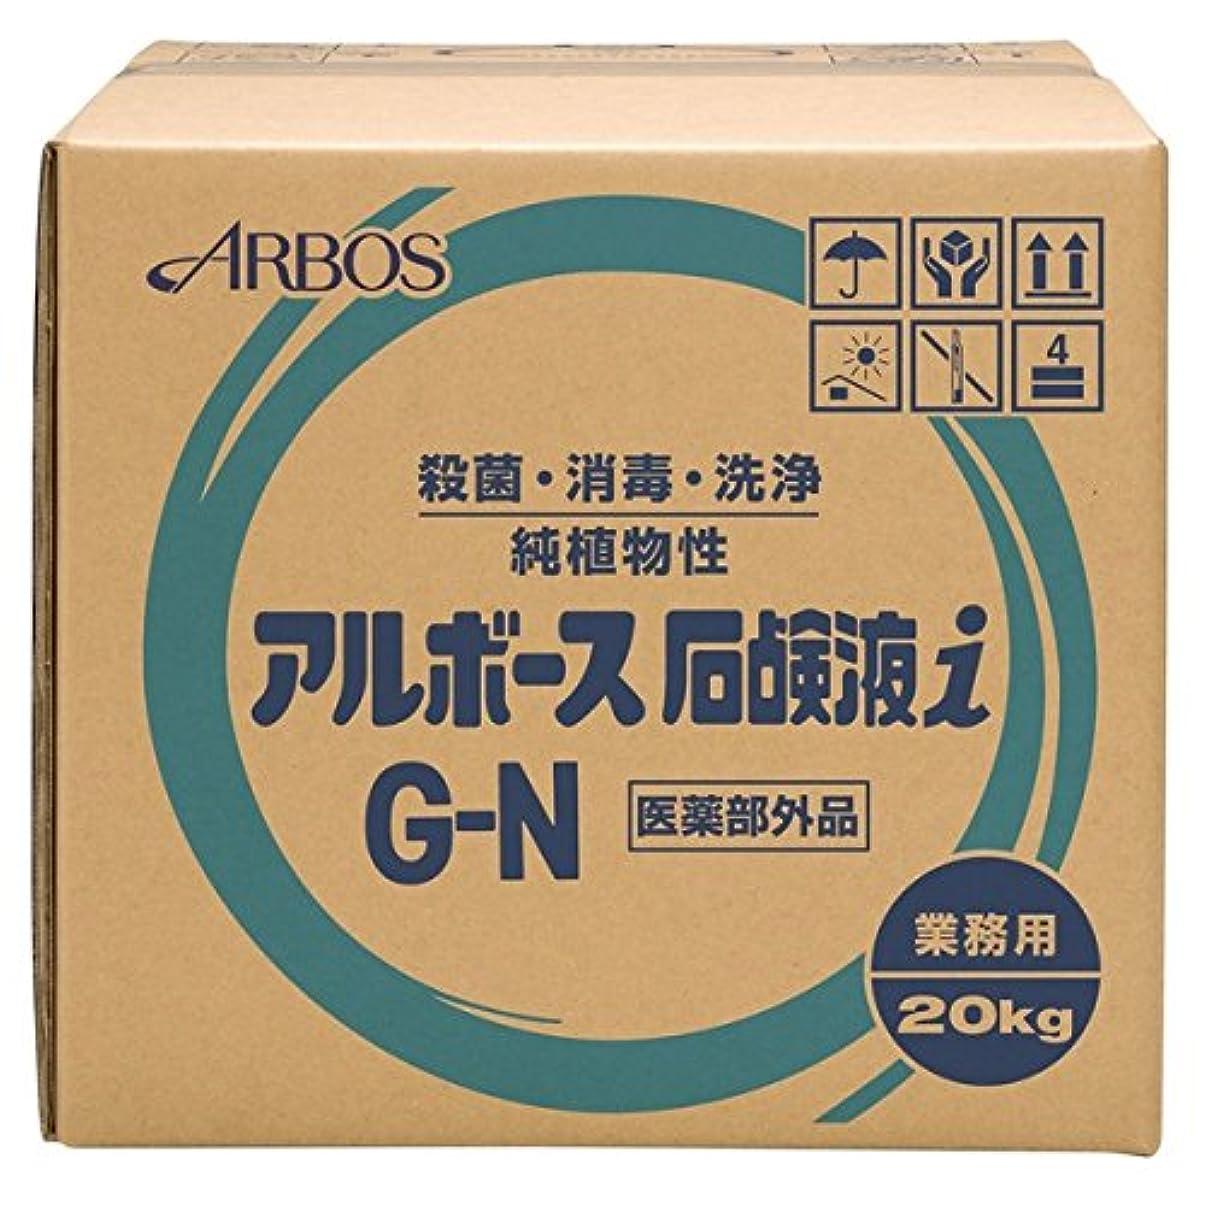 アイロニーサラミ露アルボース 薬用ハンドソープ アルボース石鹸液i G-N 濃縮タイプ 20kg